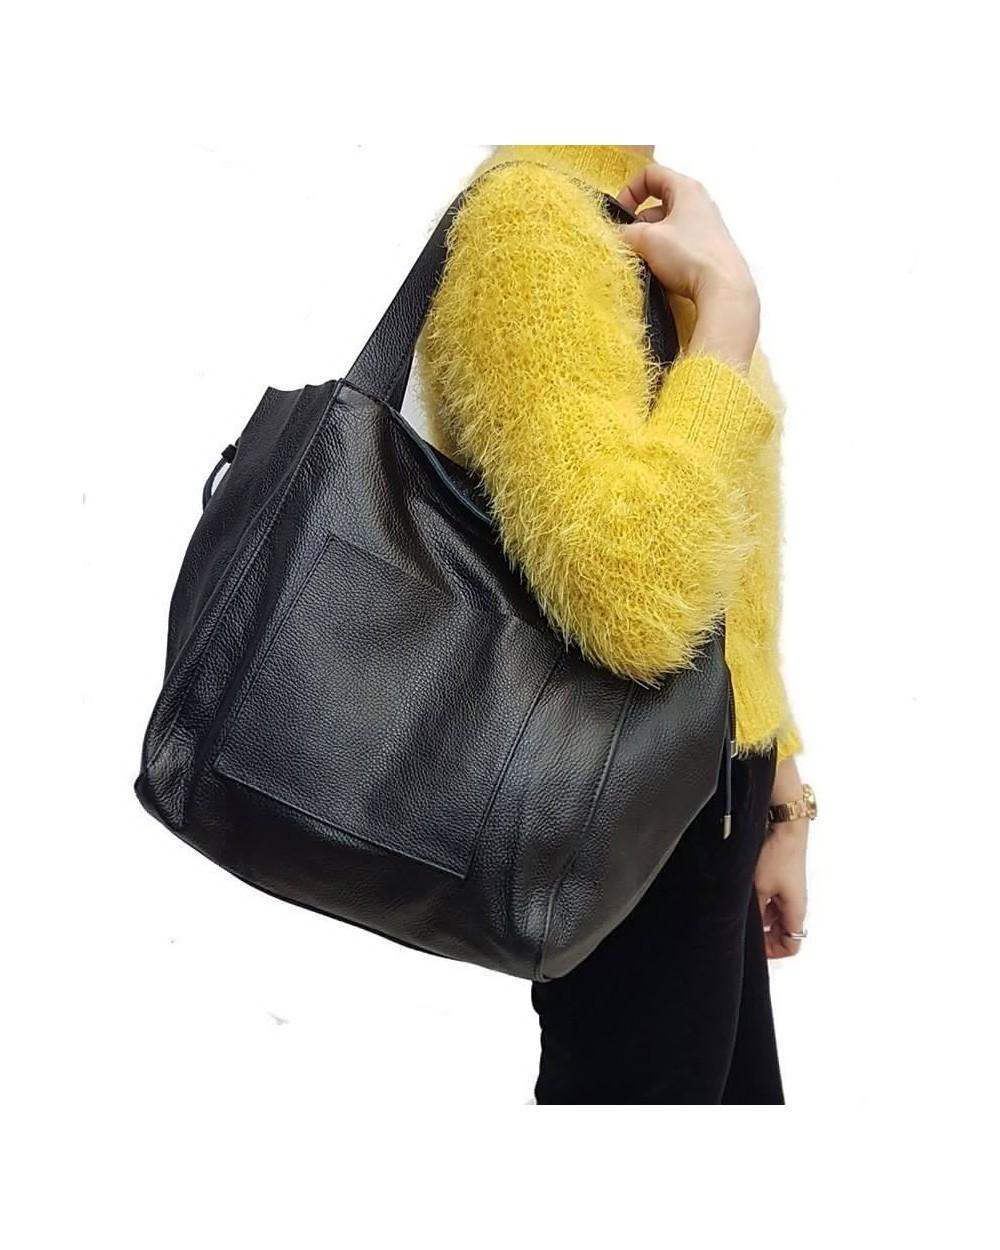 d0f8e5c5b6b2c Włoska duża torba na ramię z miękkiej skóry naturalnej jasny szary